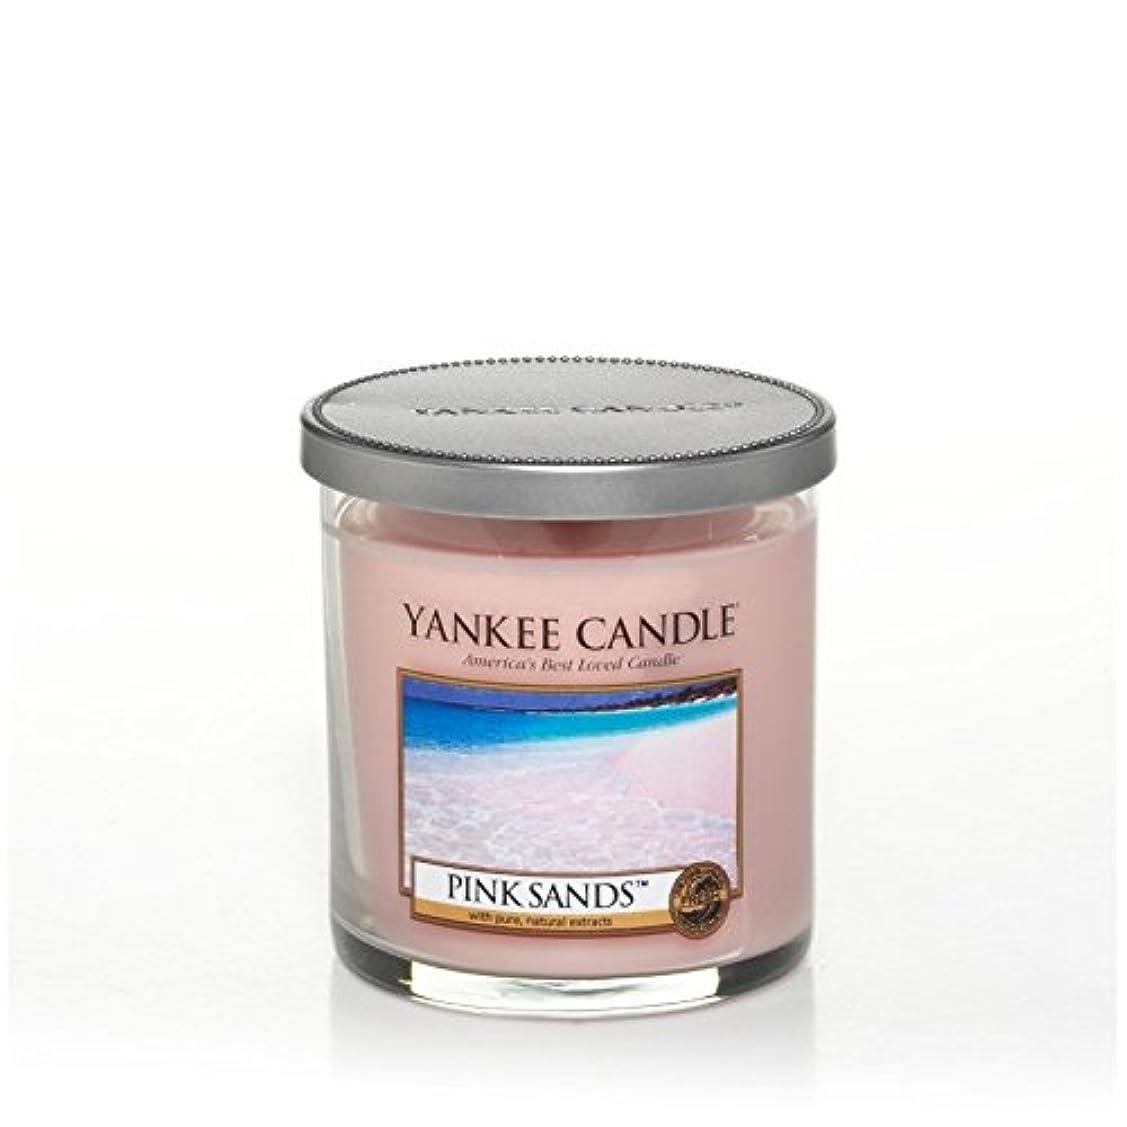 はさみ逃れる法医学Yankee Candles Small Pillar Candle - Pink Sands? (Pack of 2) - ヤンキーキャンドルの小さな柱キャンドル - ピンクの砂? (x2) [並行輸入品]